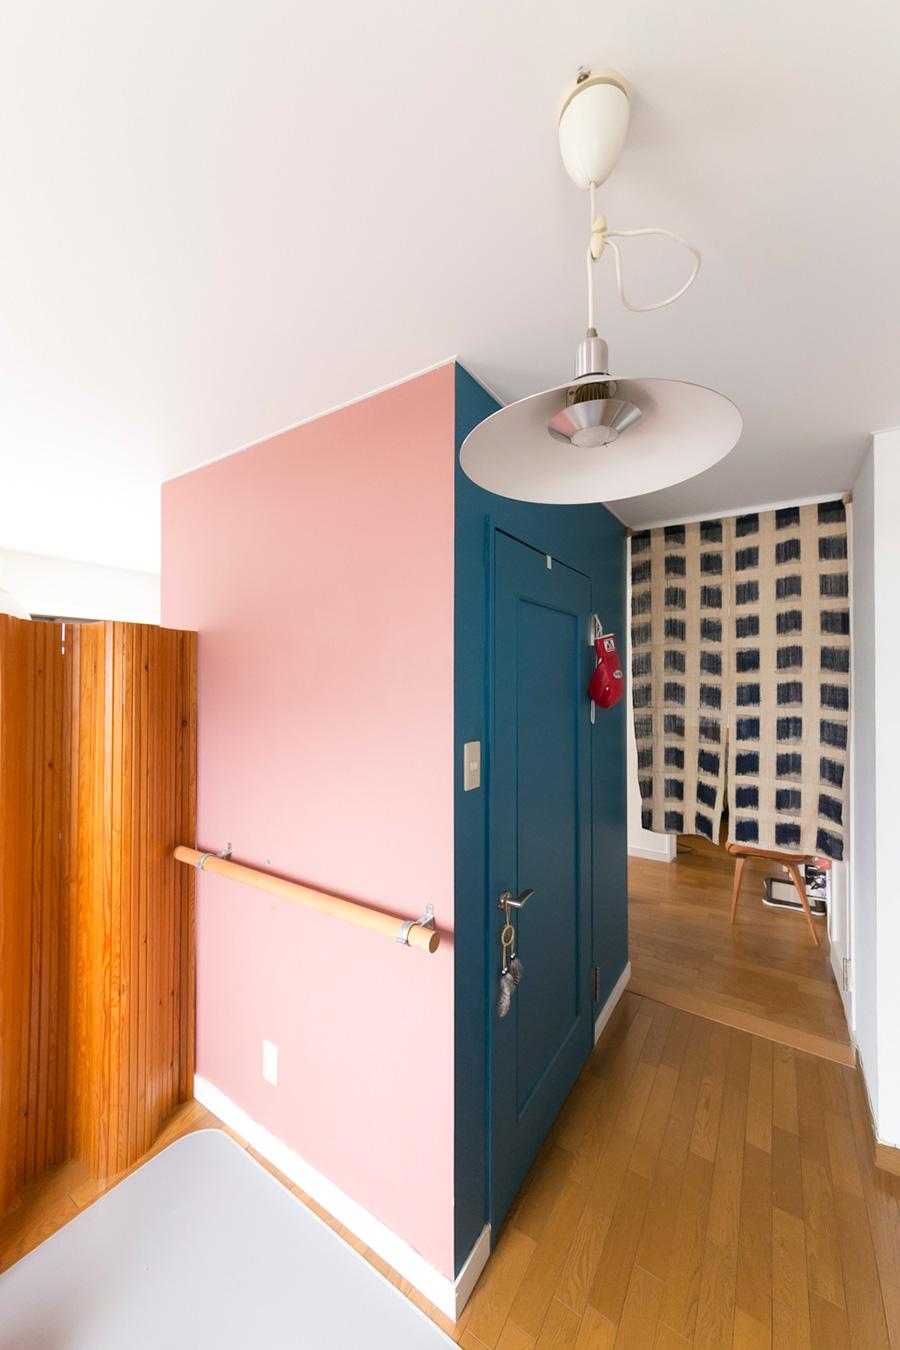 「自分たちで最初に塗ったのがブルーとピンクの壁。下手ですが家族で力を合わせて塗ったので思い出深いコーナーになりました」